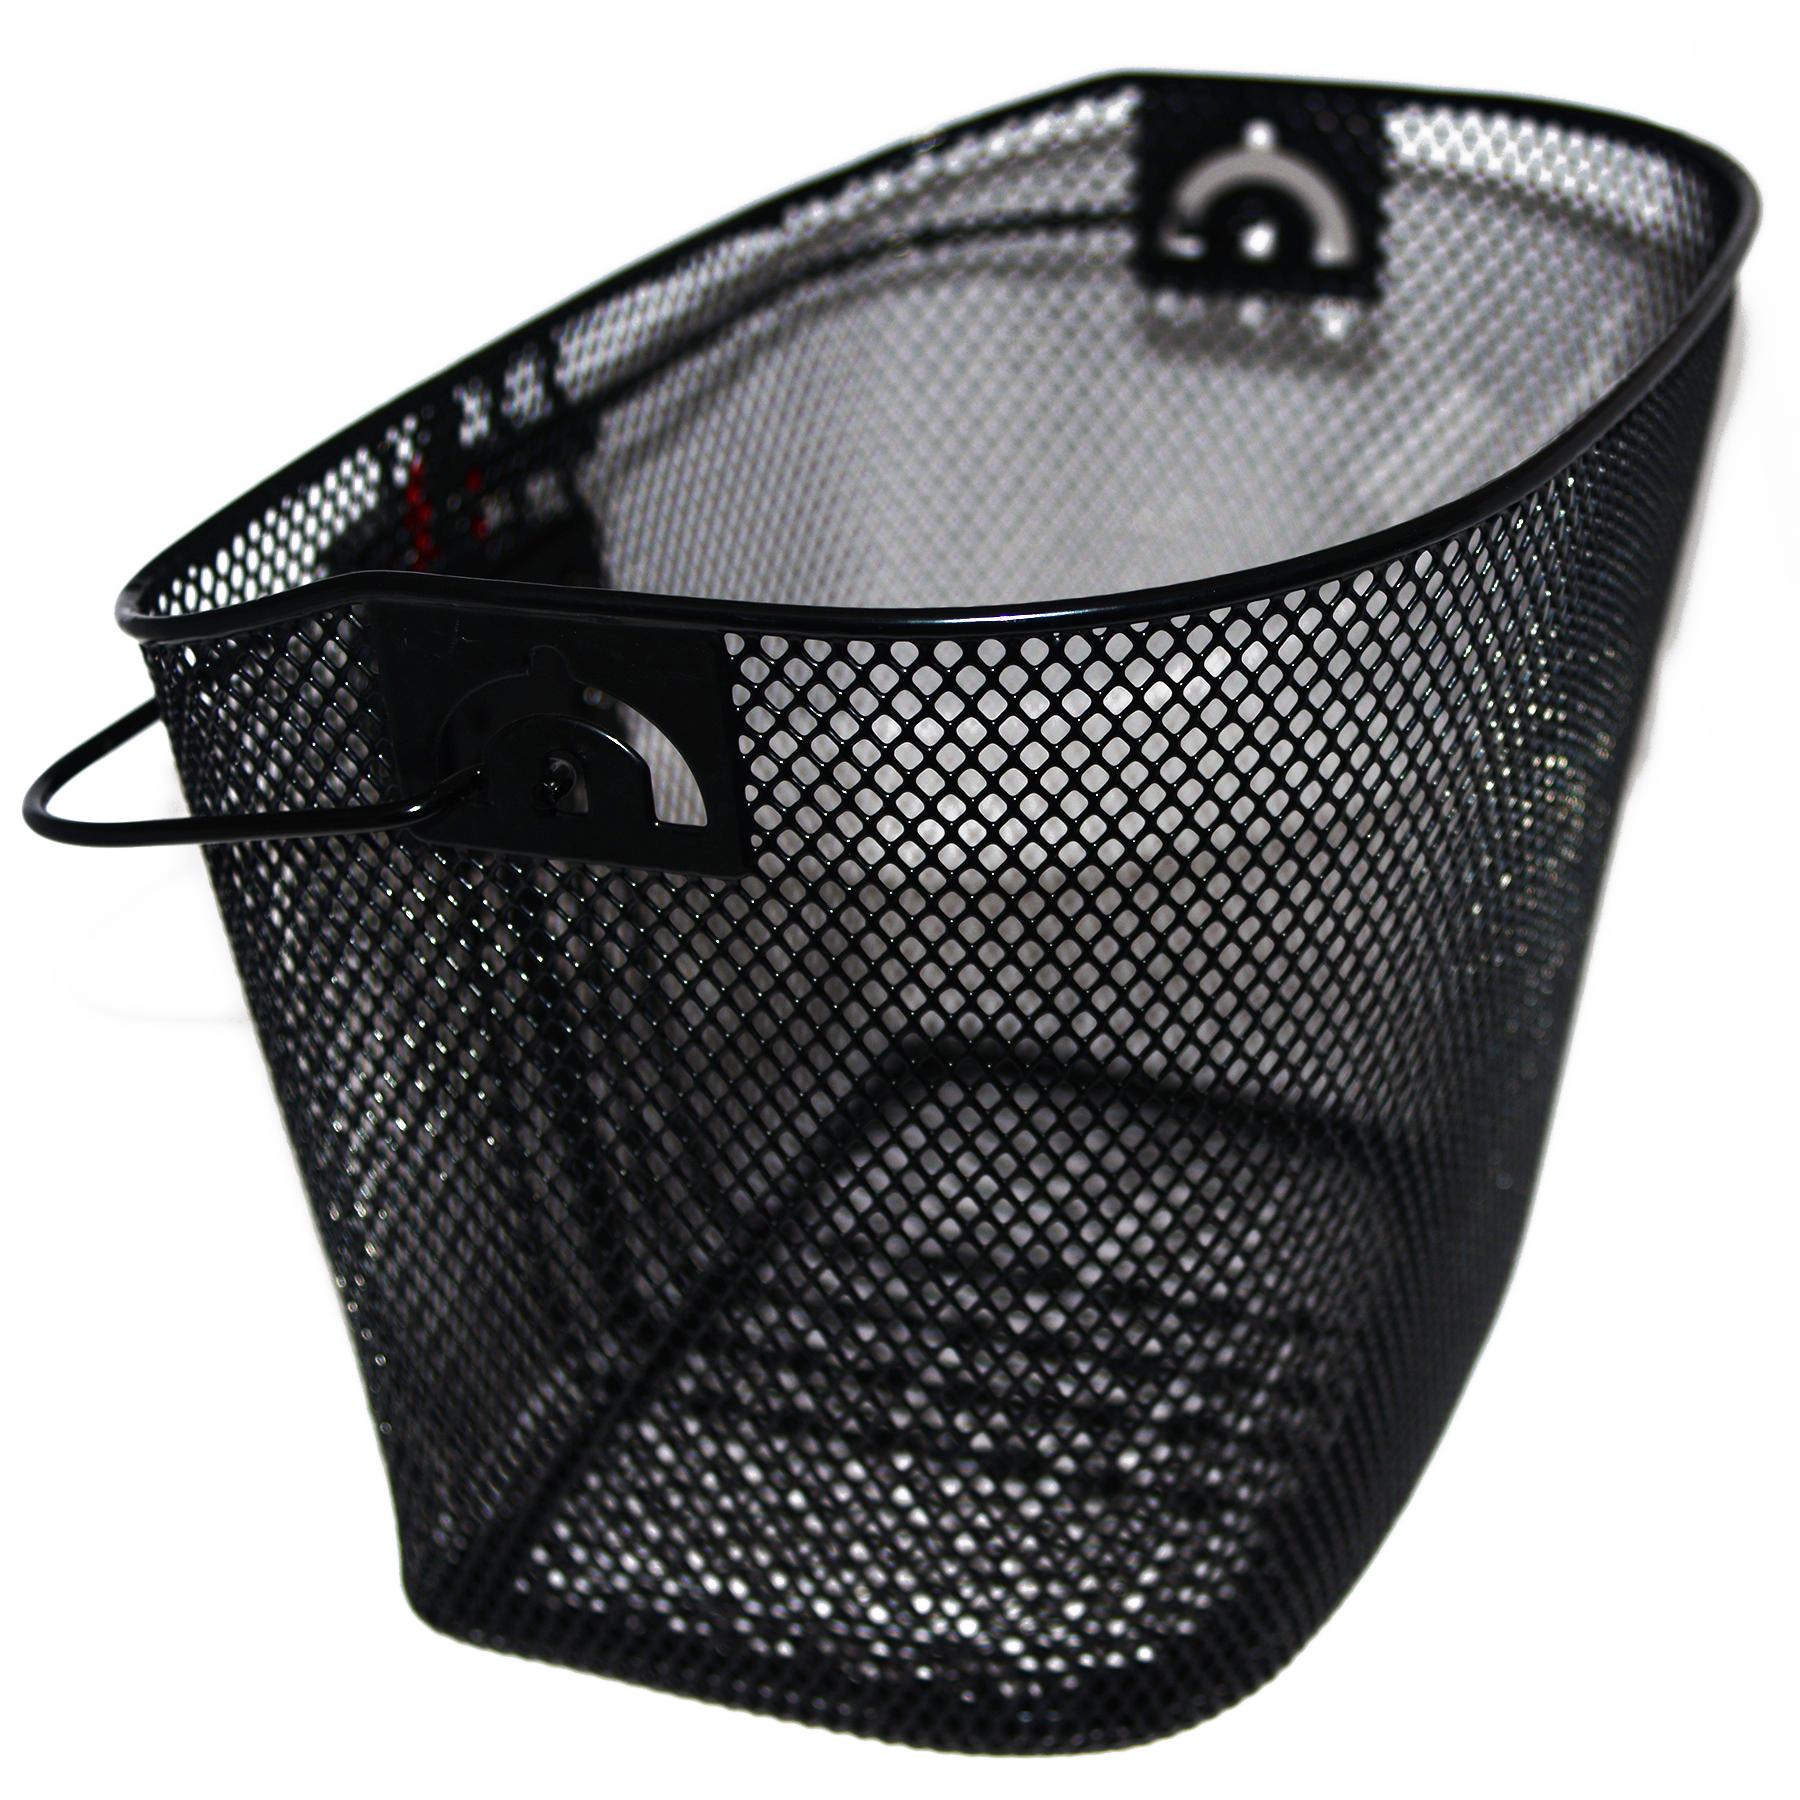 fahrrad korb vorne vorderradkorb einkaufskorb korb. Black Bedroom Furniture Sets. Home Design Ideas